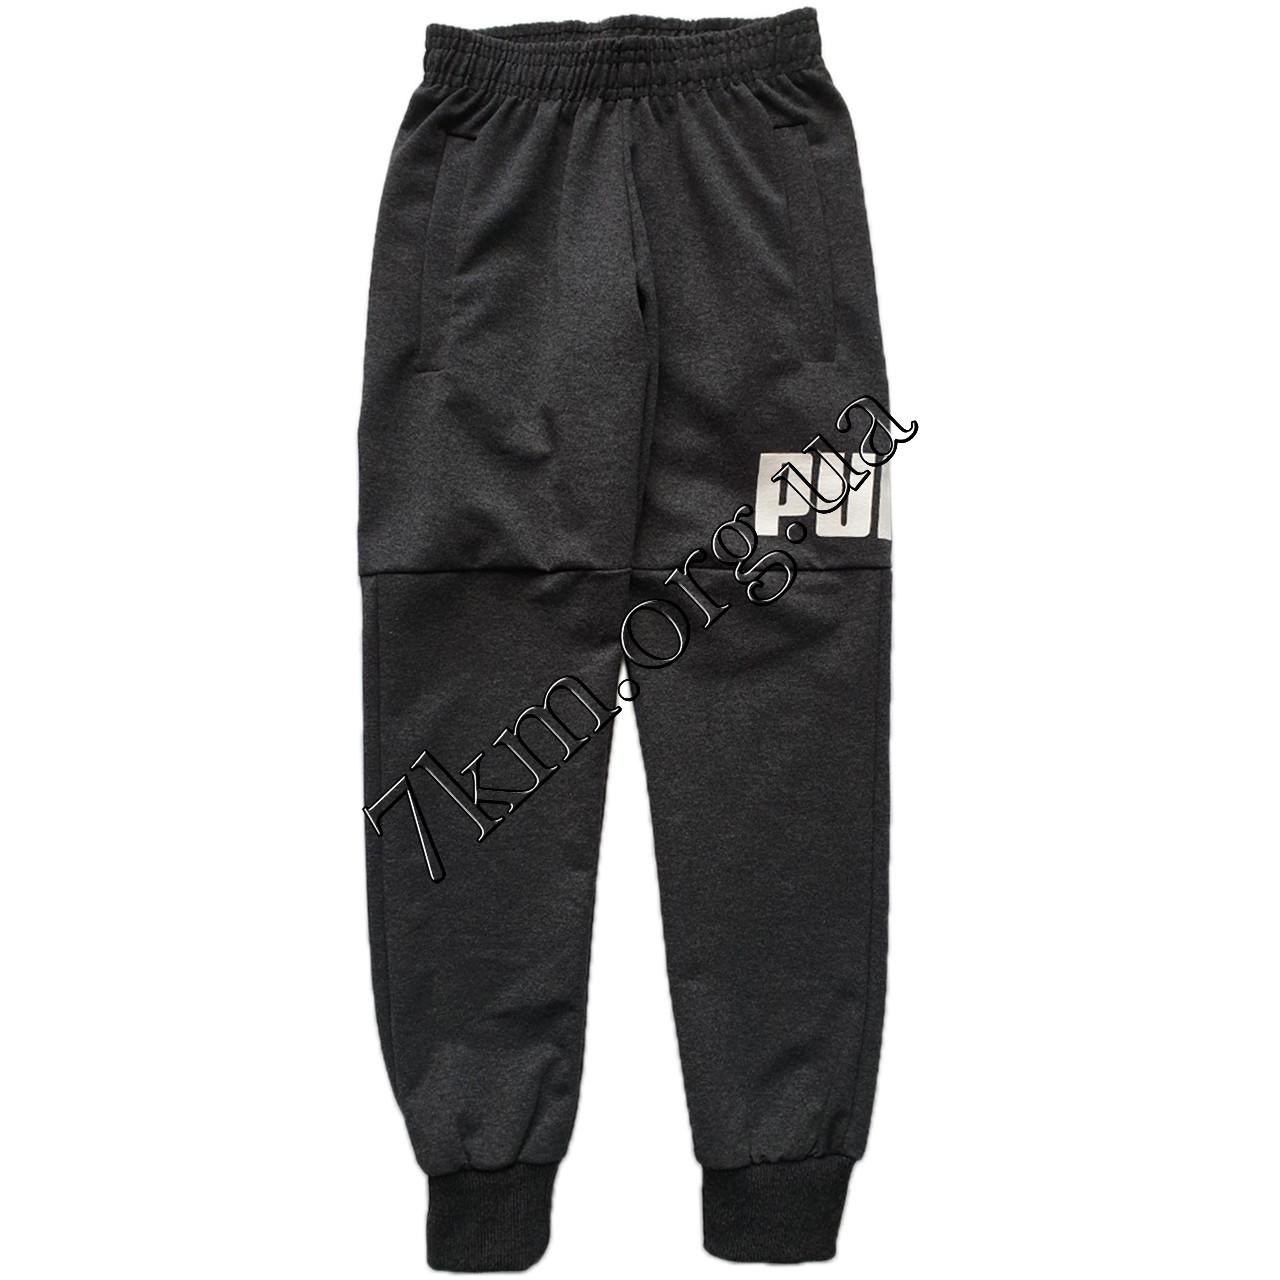 Спортивные штаны для мальчиков 4-8 лет Оптом 080705-2